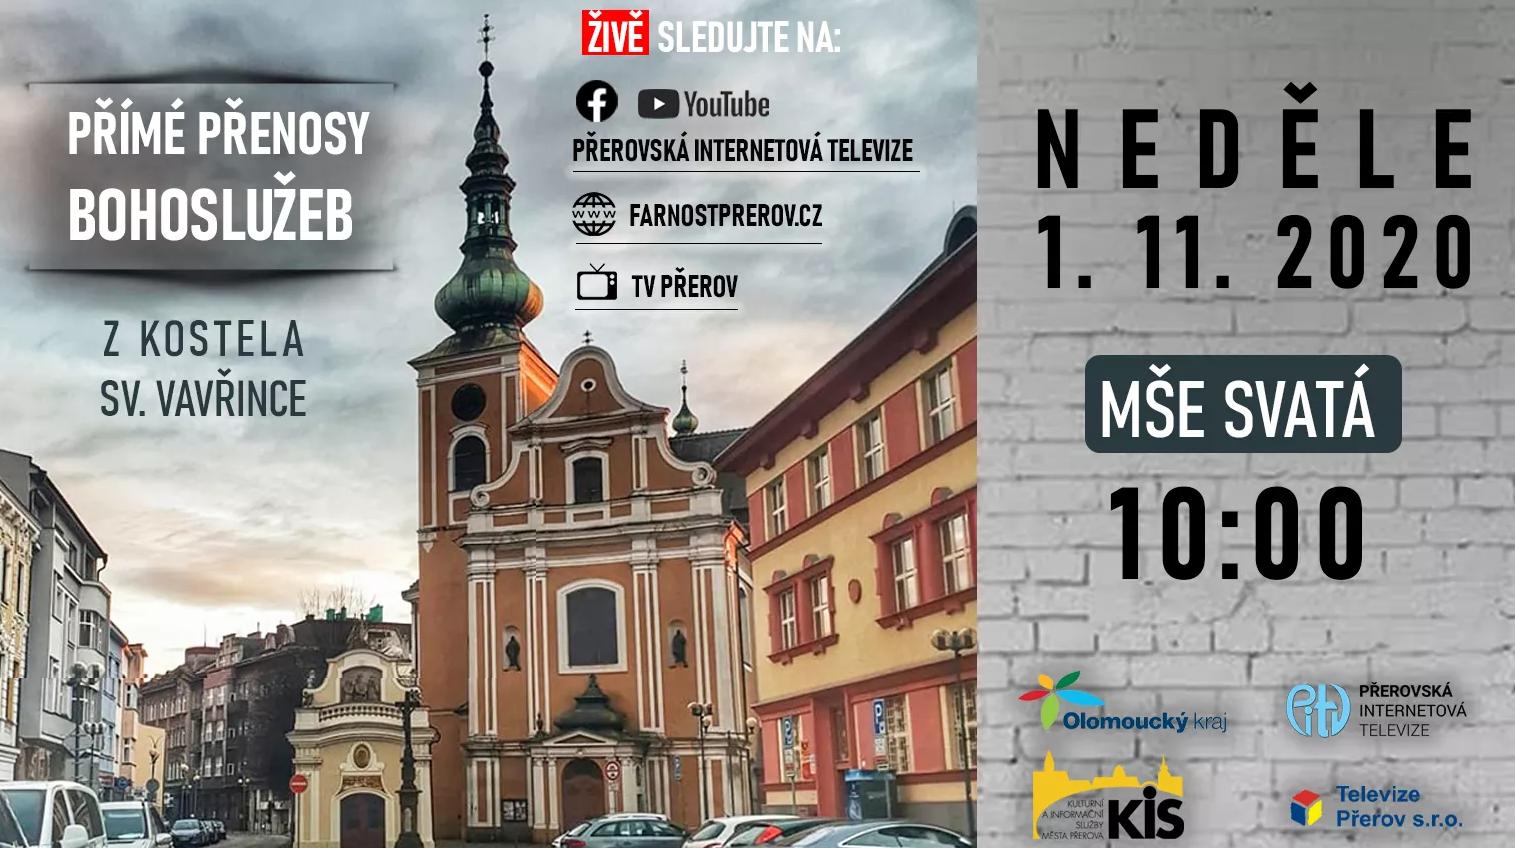 Nedělní bohoslužba z kostela sv. Vavřince – živé vysílání 1.11. 2020